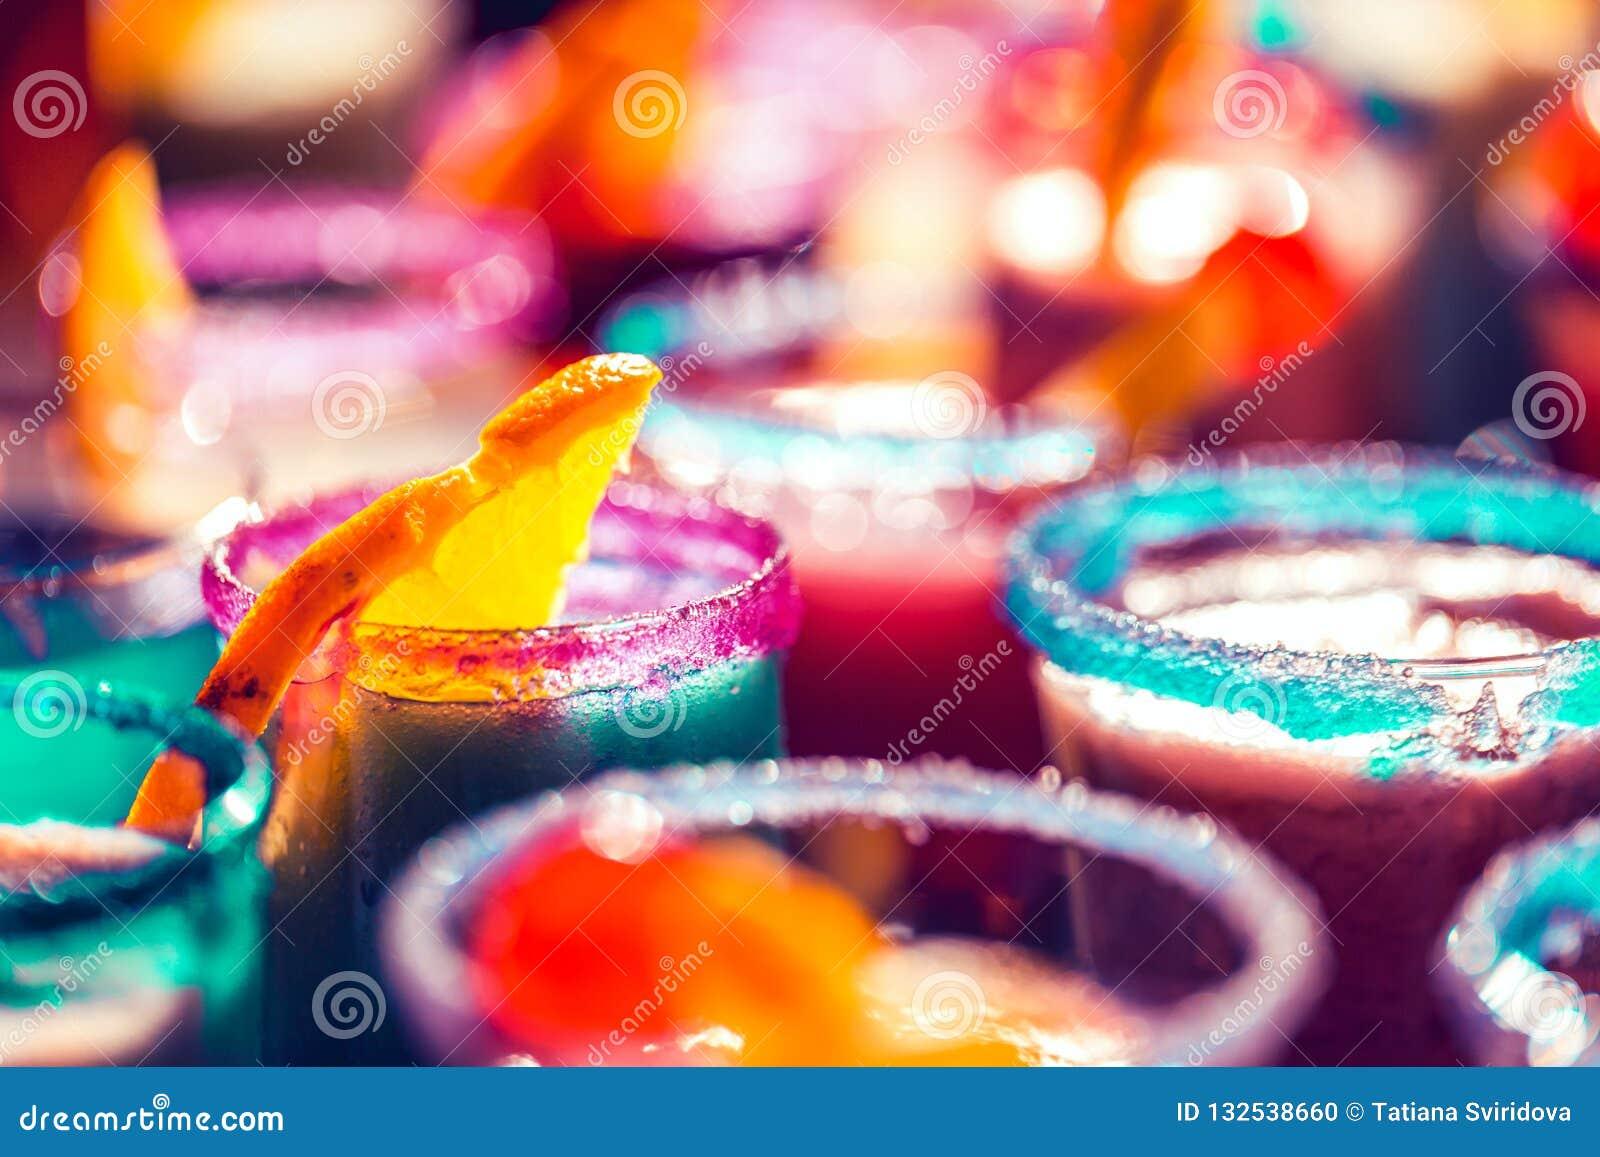 Fondo de neón brillante borroso de los vidrios de cóctel